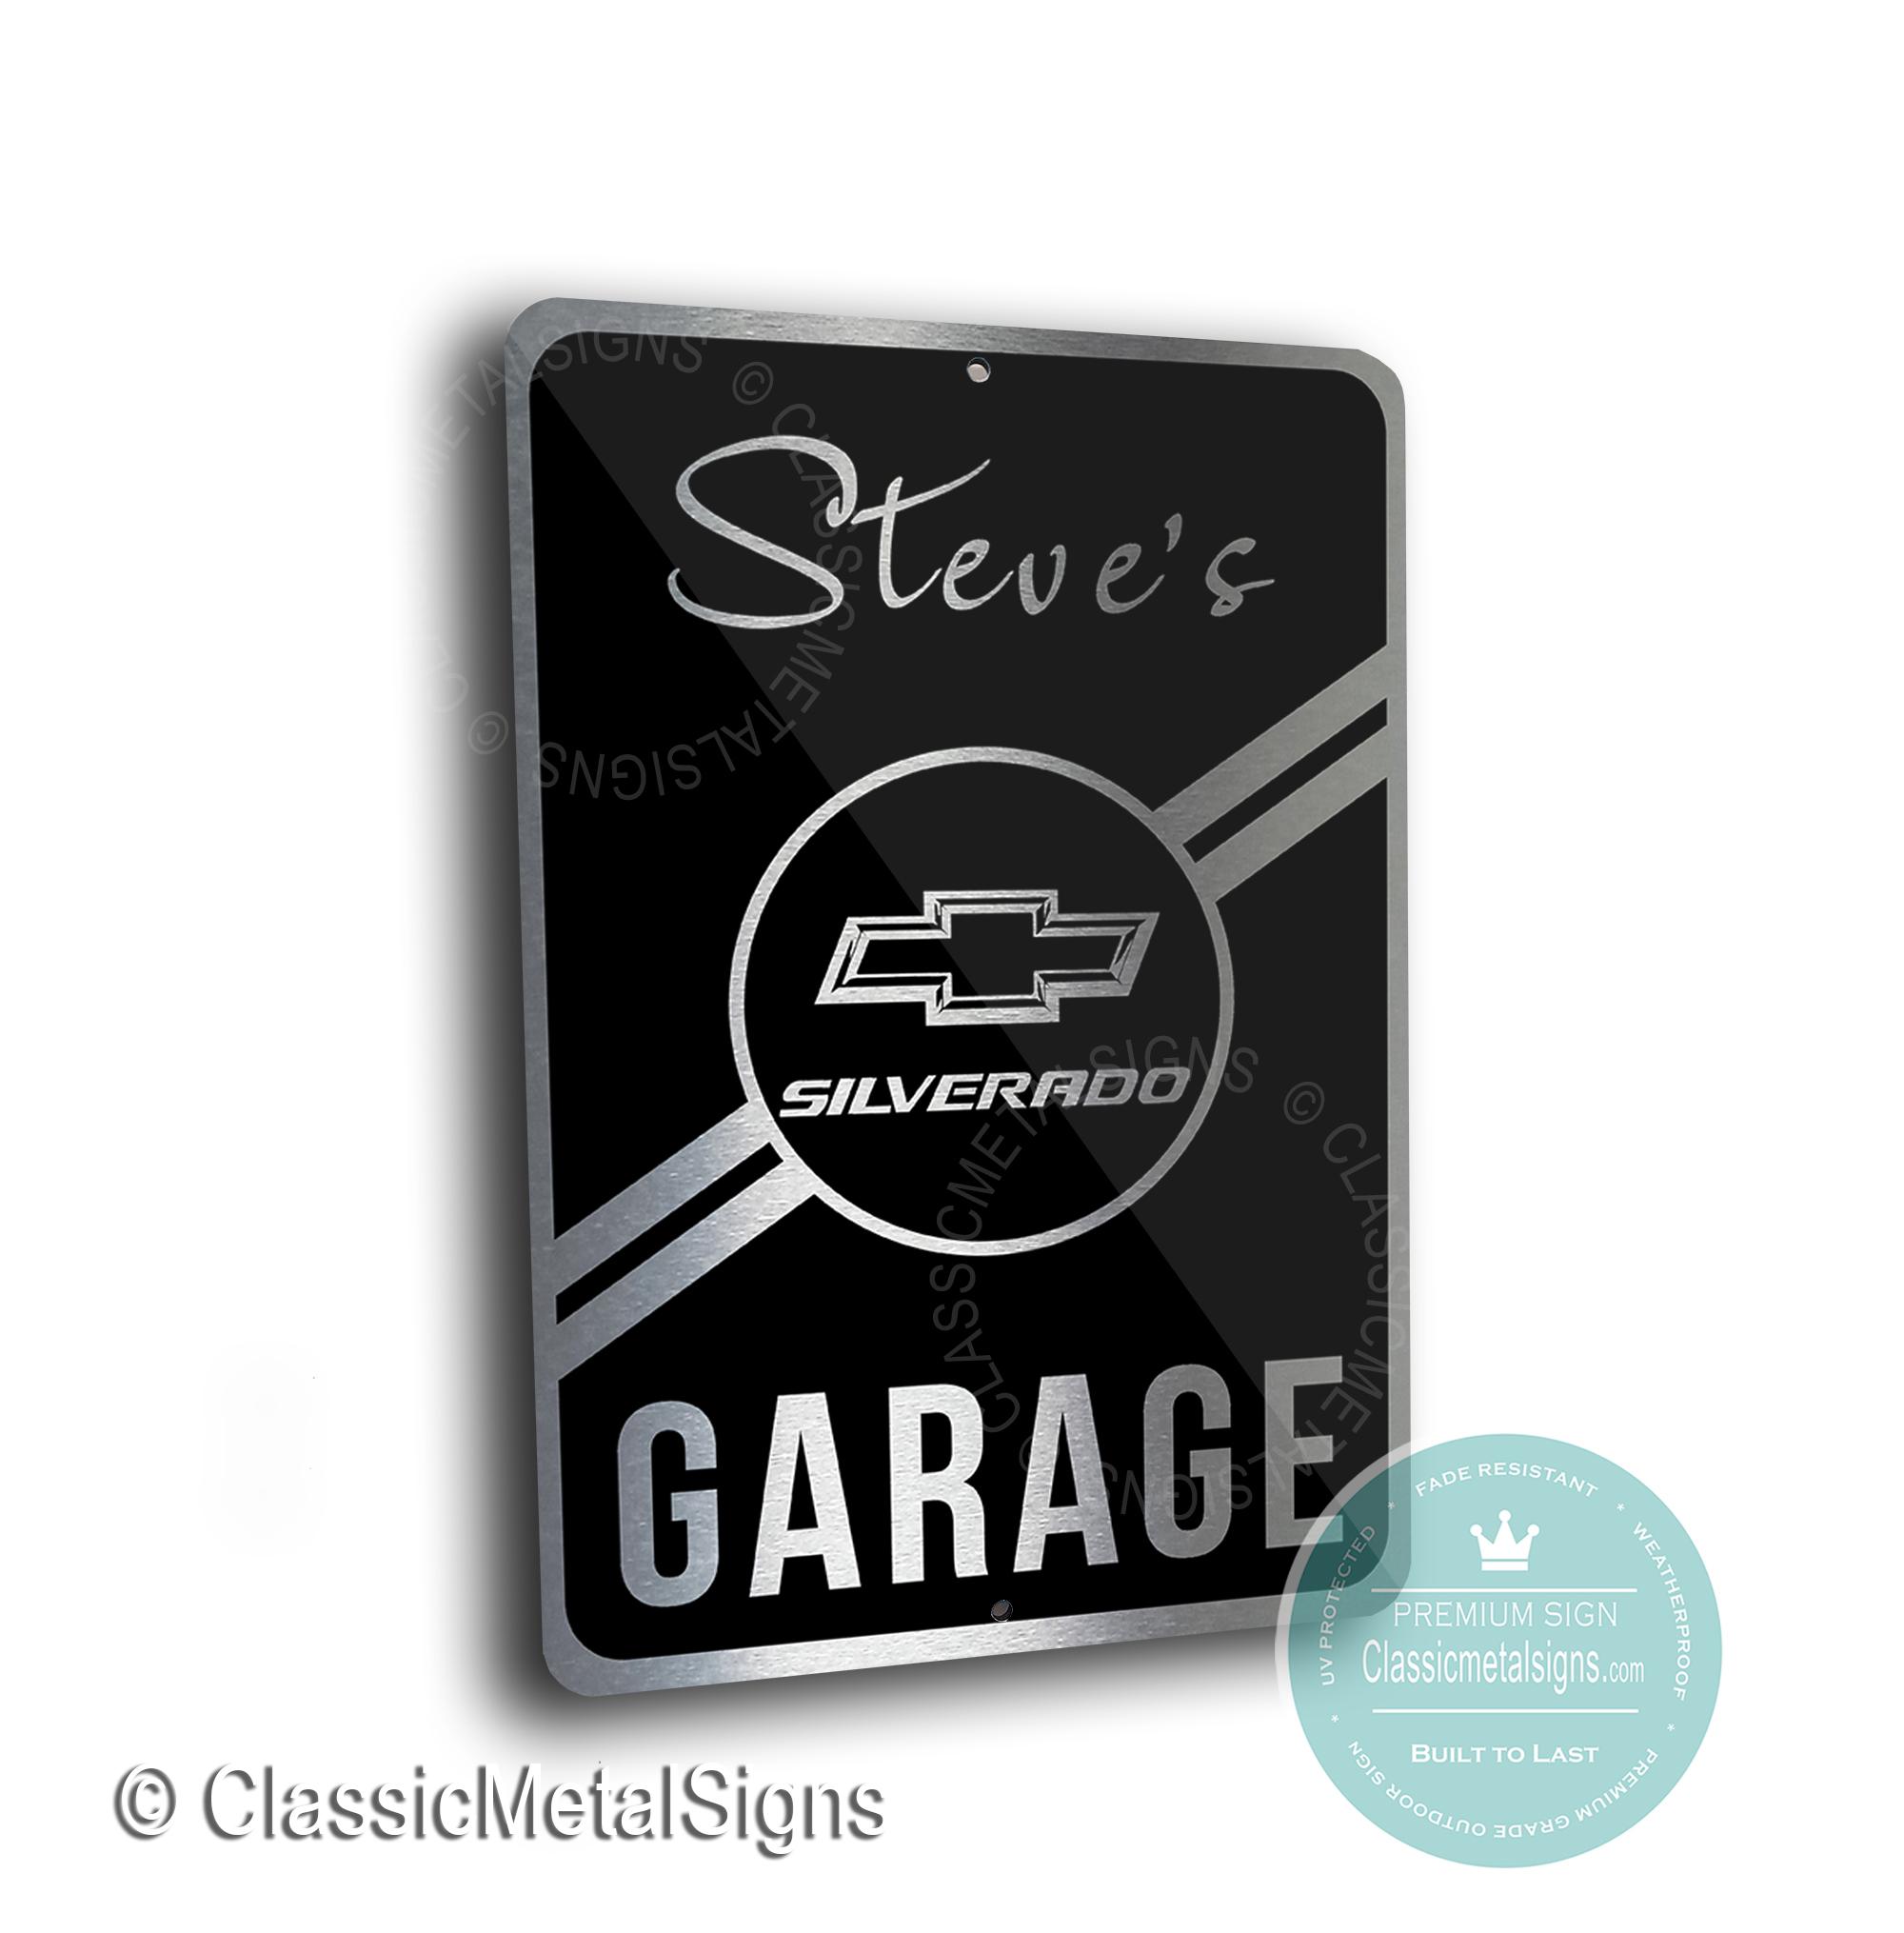 Silverado Garage Signs